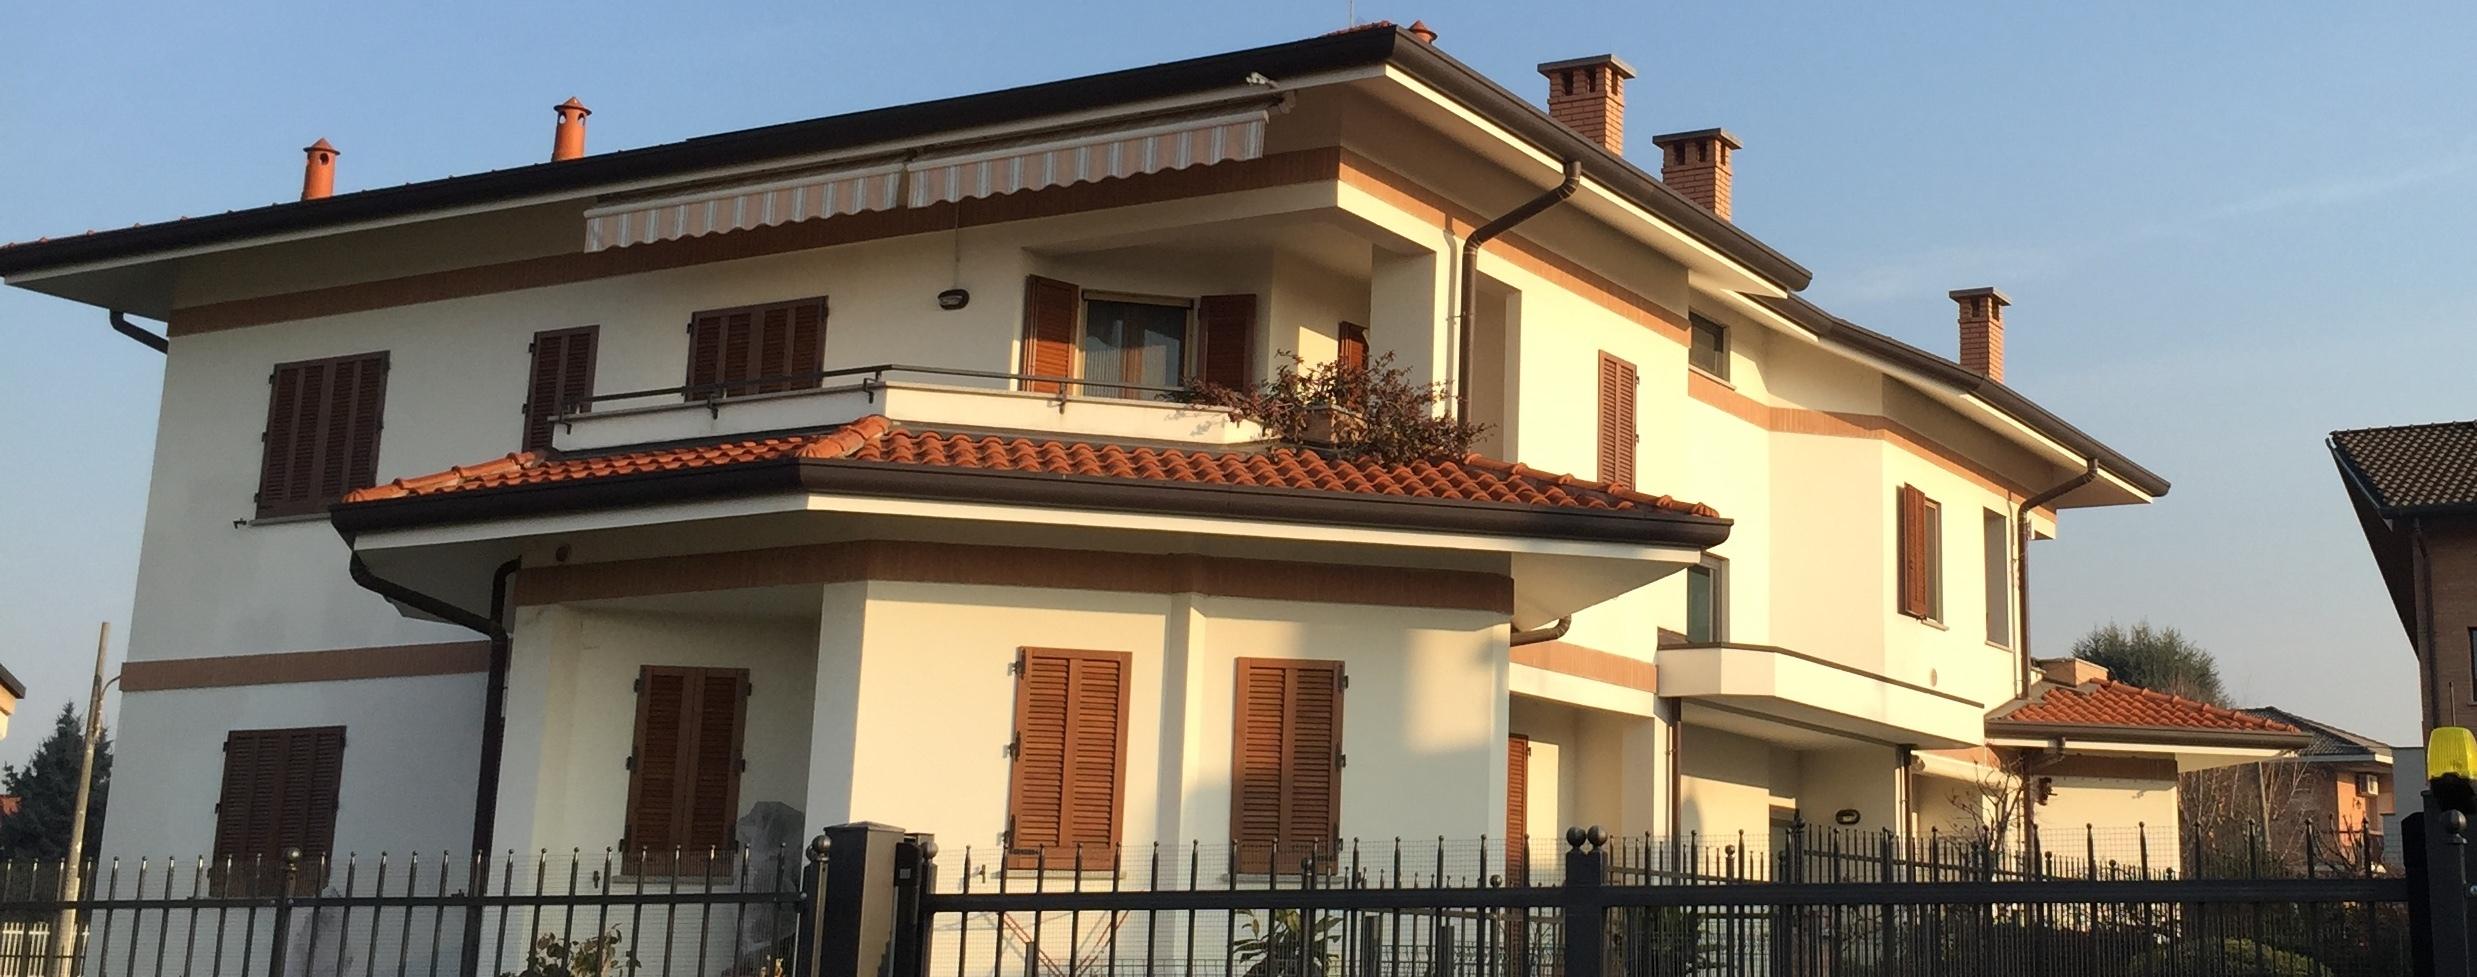 Palazzina e Villa Bifamiliare